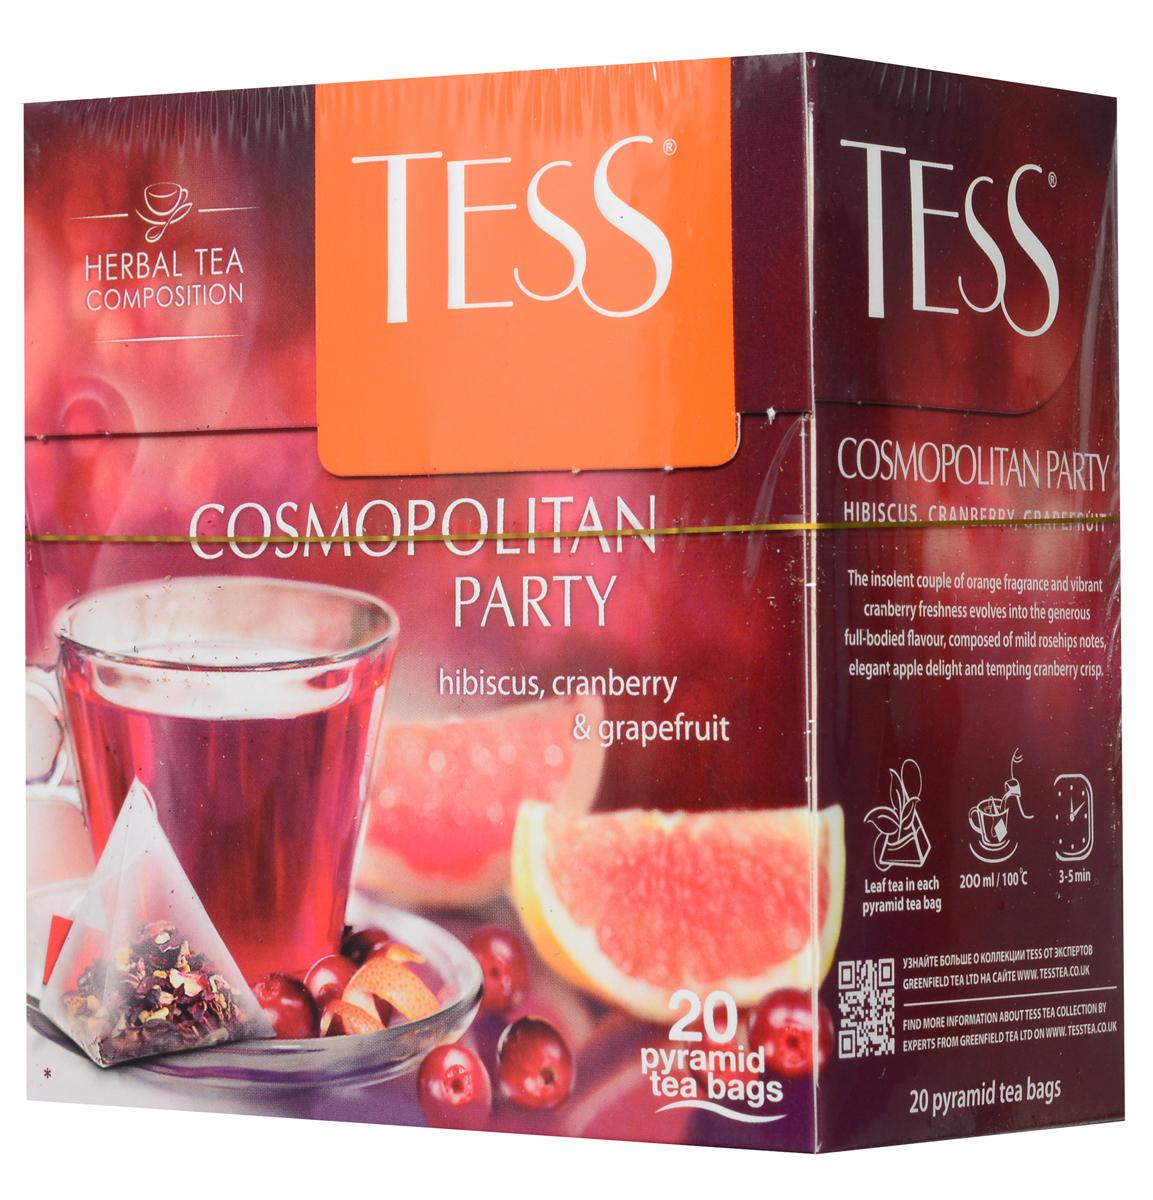 Tess Cosmopolitan Party травяной чай в пирамидках, 20 шт0120710Дерзкое сочетание апельсинового аромата и яркой свежести клюквы находит продолжение в щедром насыщенном вкусе травяного чая Tess Cosmopolitan Party, сложенном из мягких нот шиповника, тонкой яблочной сладости и заманчивой кислинки гибискуса